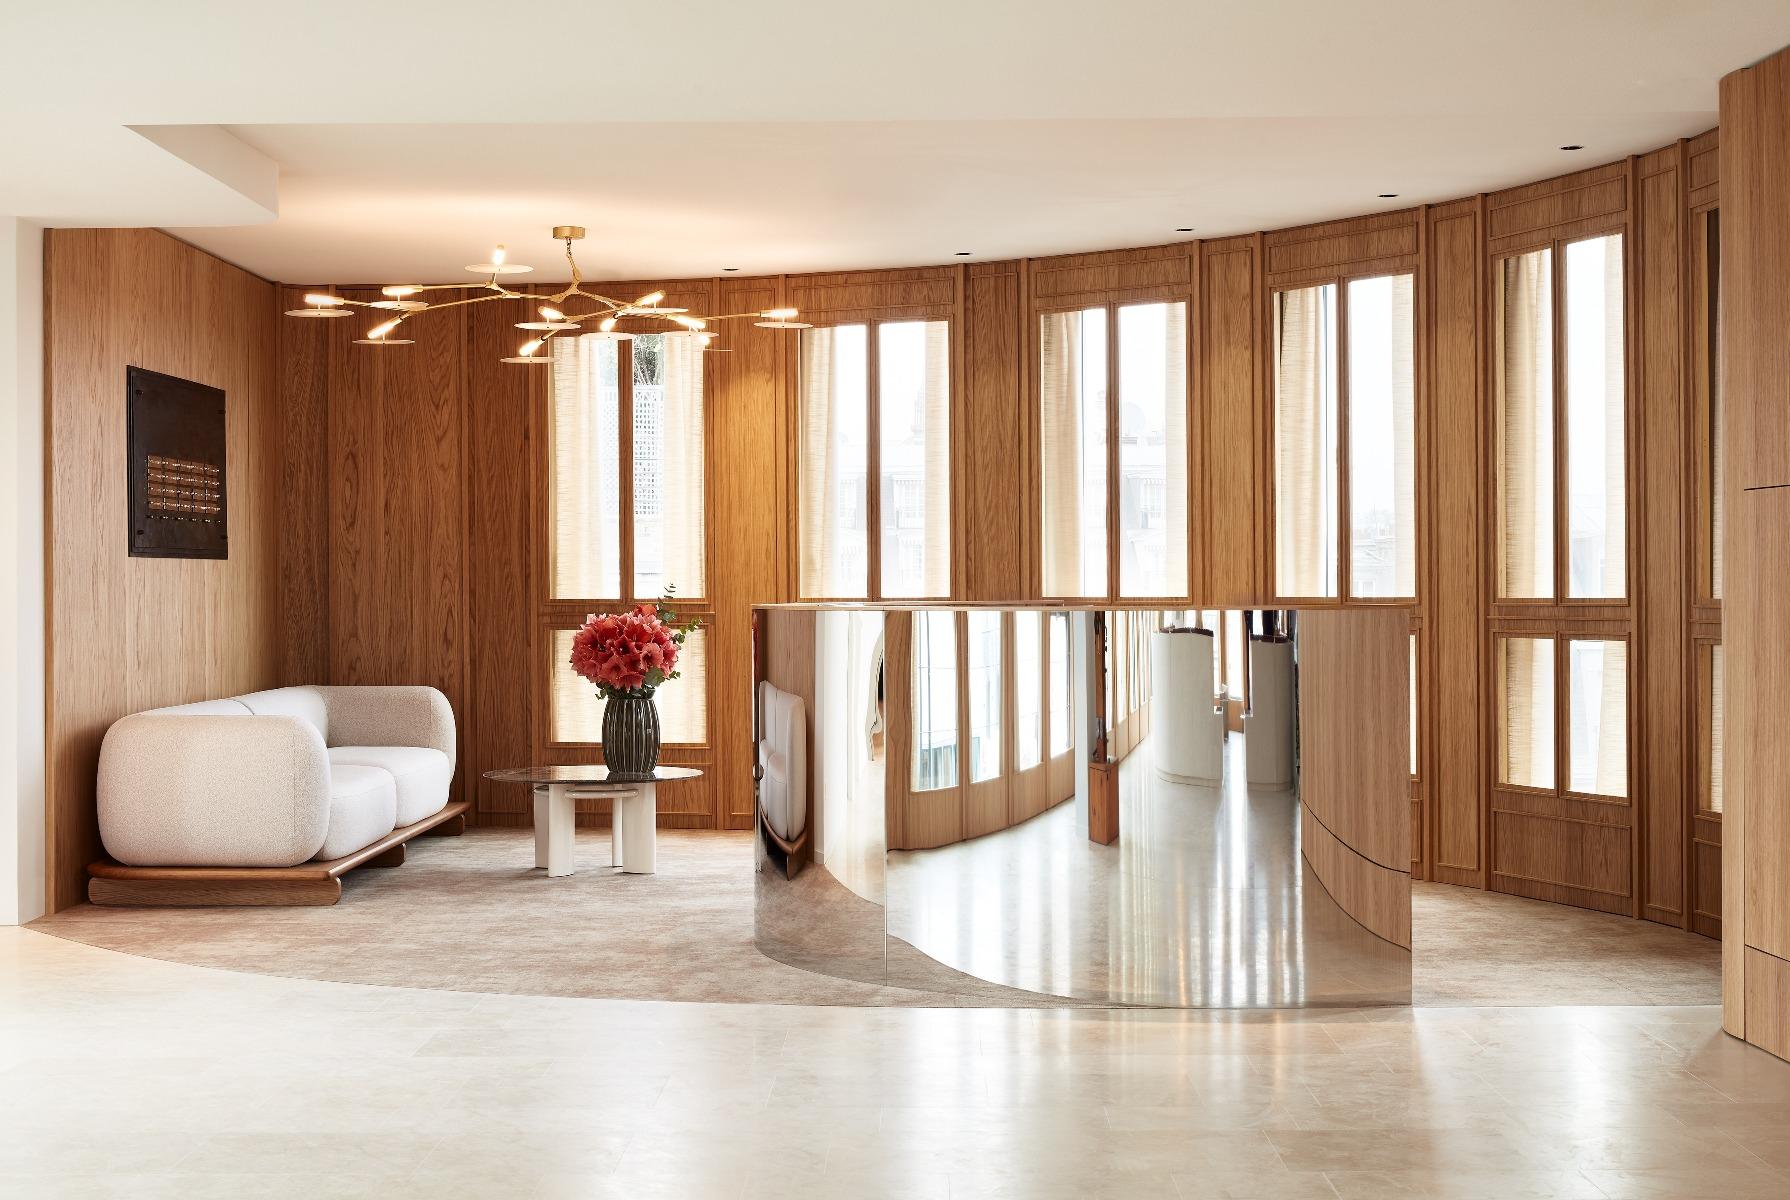 Banque accueil bureaux, lustre laiton et porcelaine par Lindsey Adelman, table basse par socialite family, sol pierre de tala, moquette par Galerie B